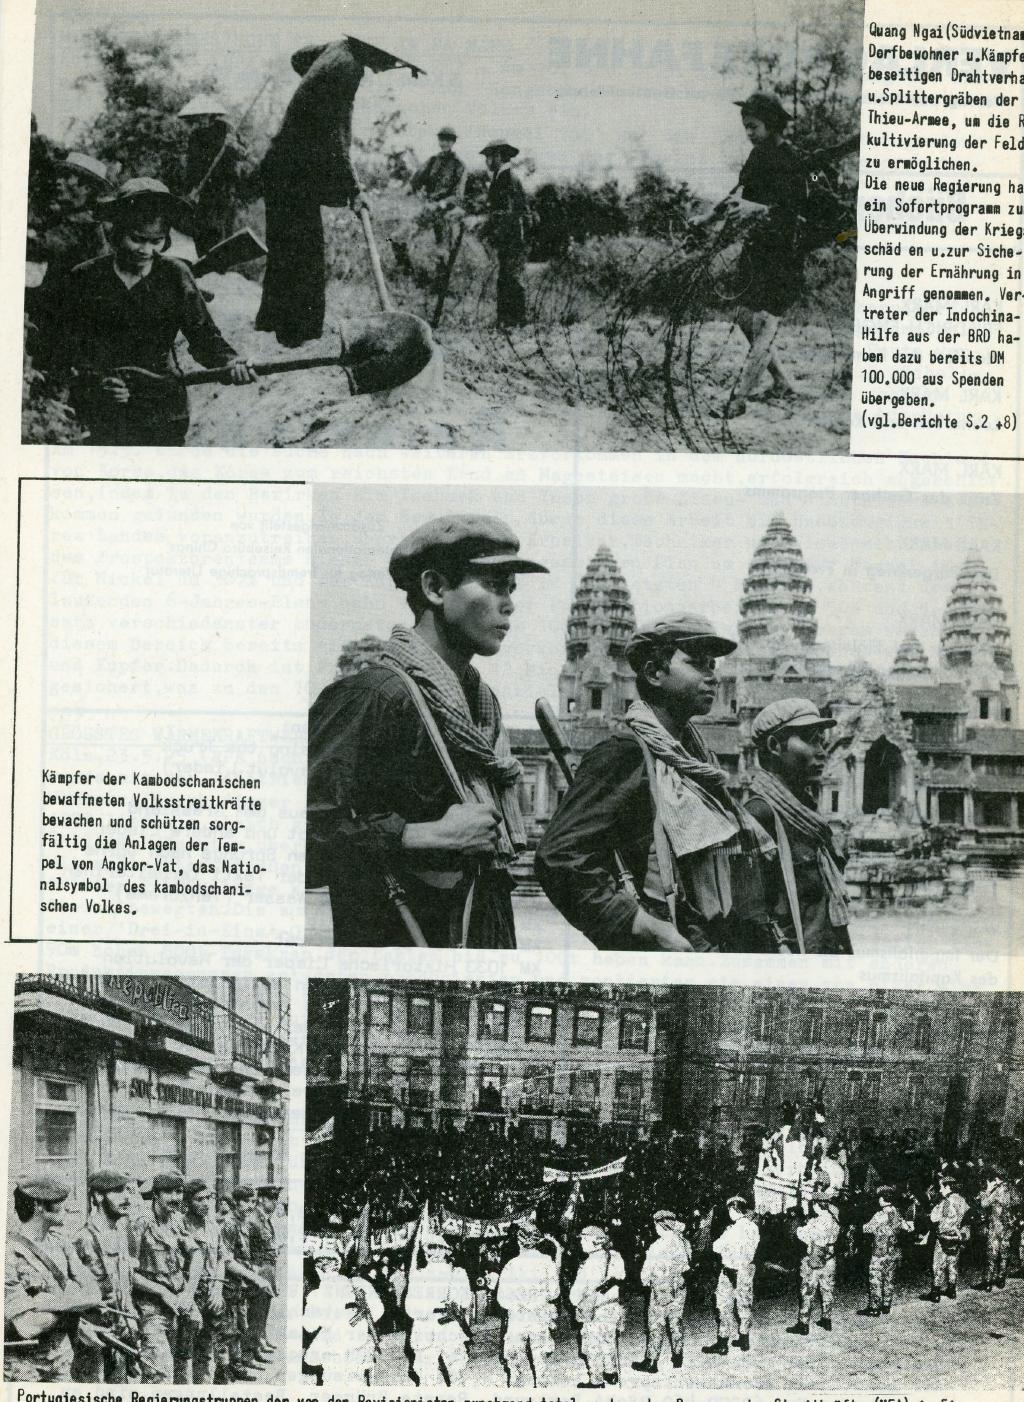 RPK_Pressedienst_1975_27_16